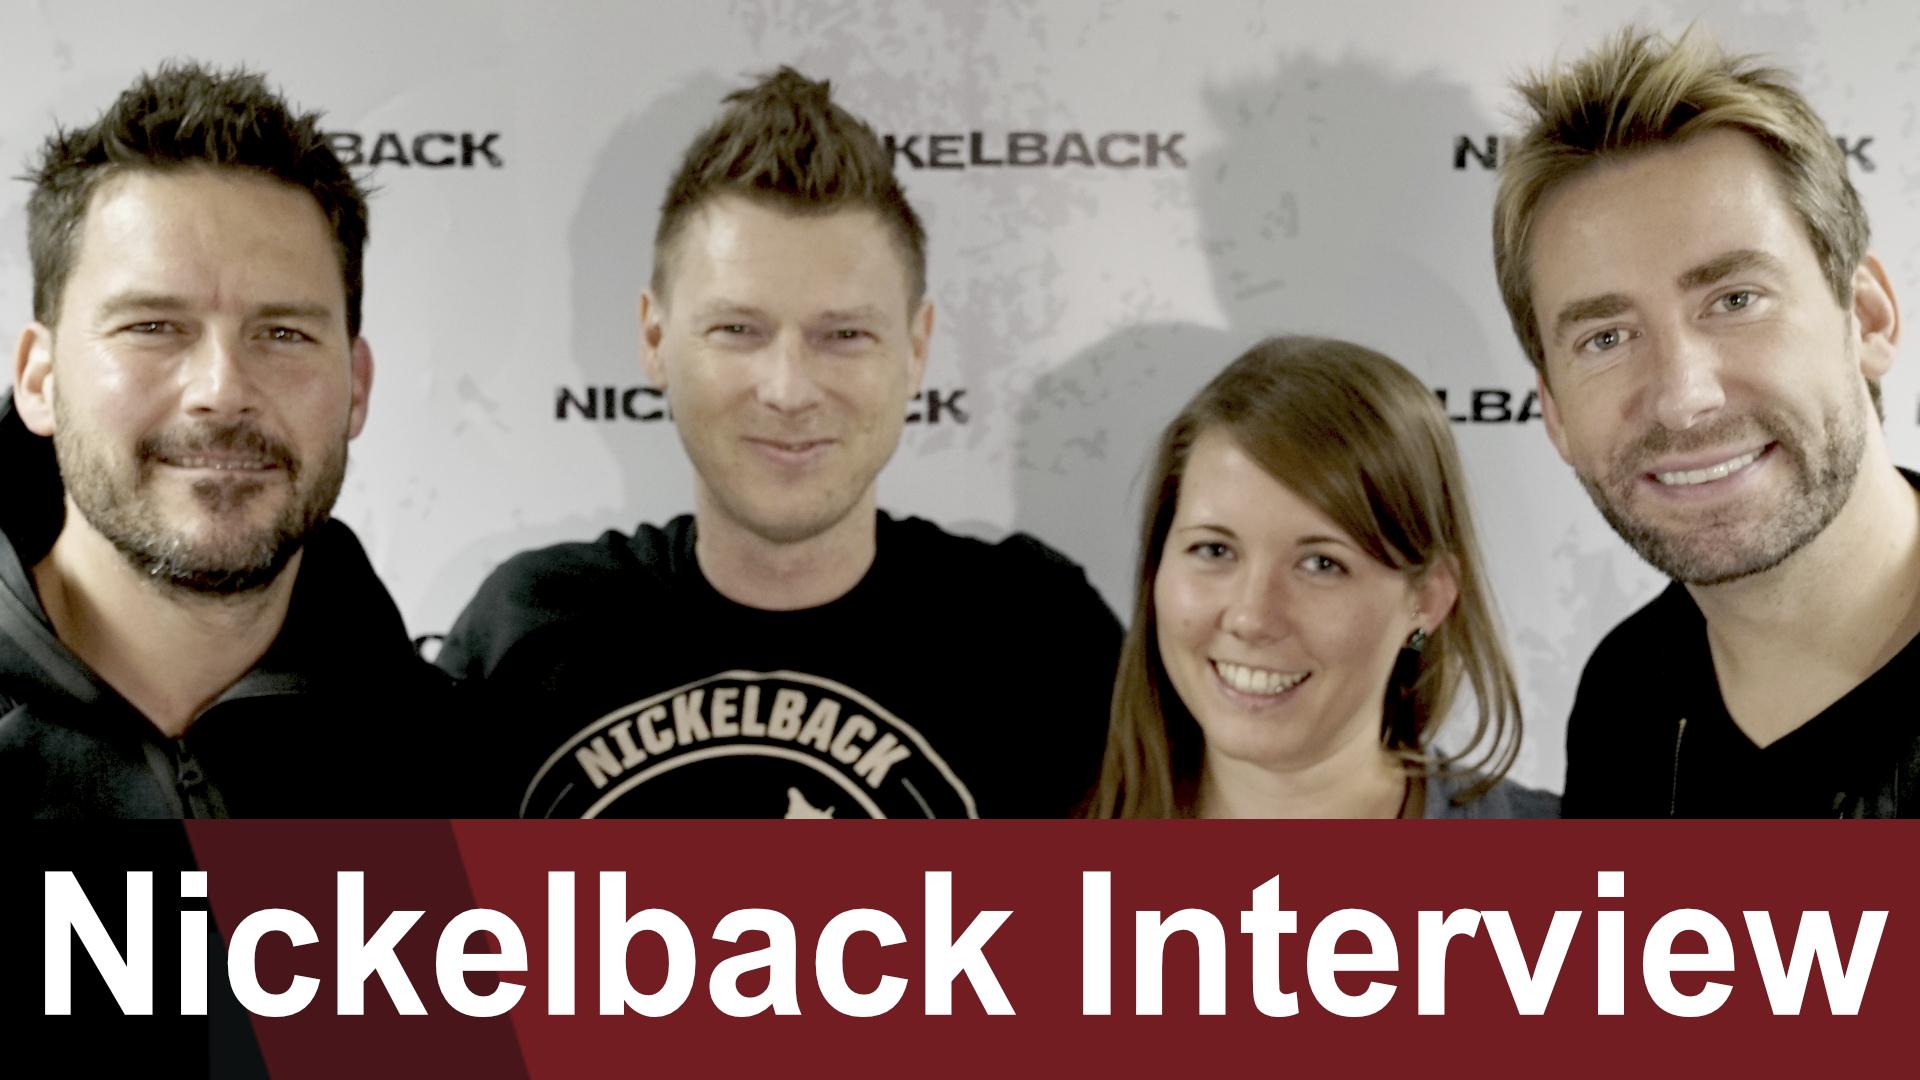 """Nickelback: Warum Chad Kroeger 2 Wochen eine """"britische Frau"""" war - Das ROCK ANTENNE Interview"""